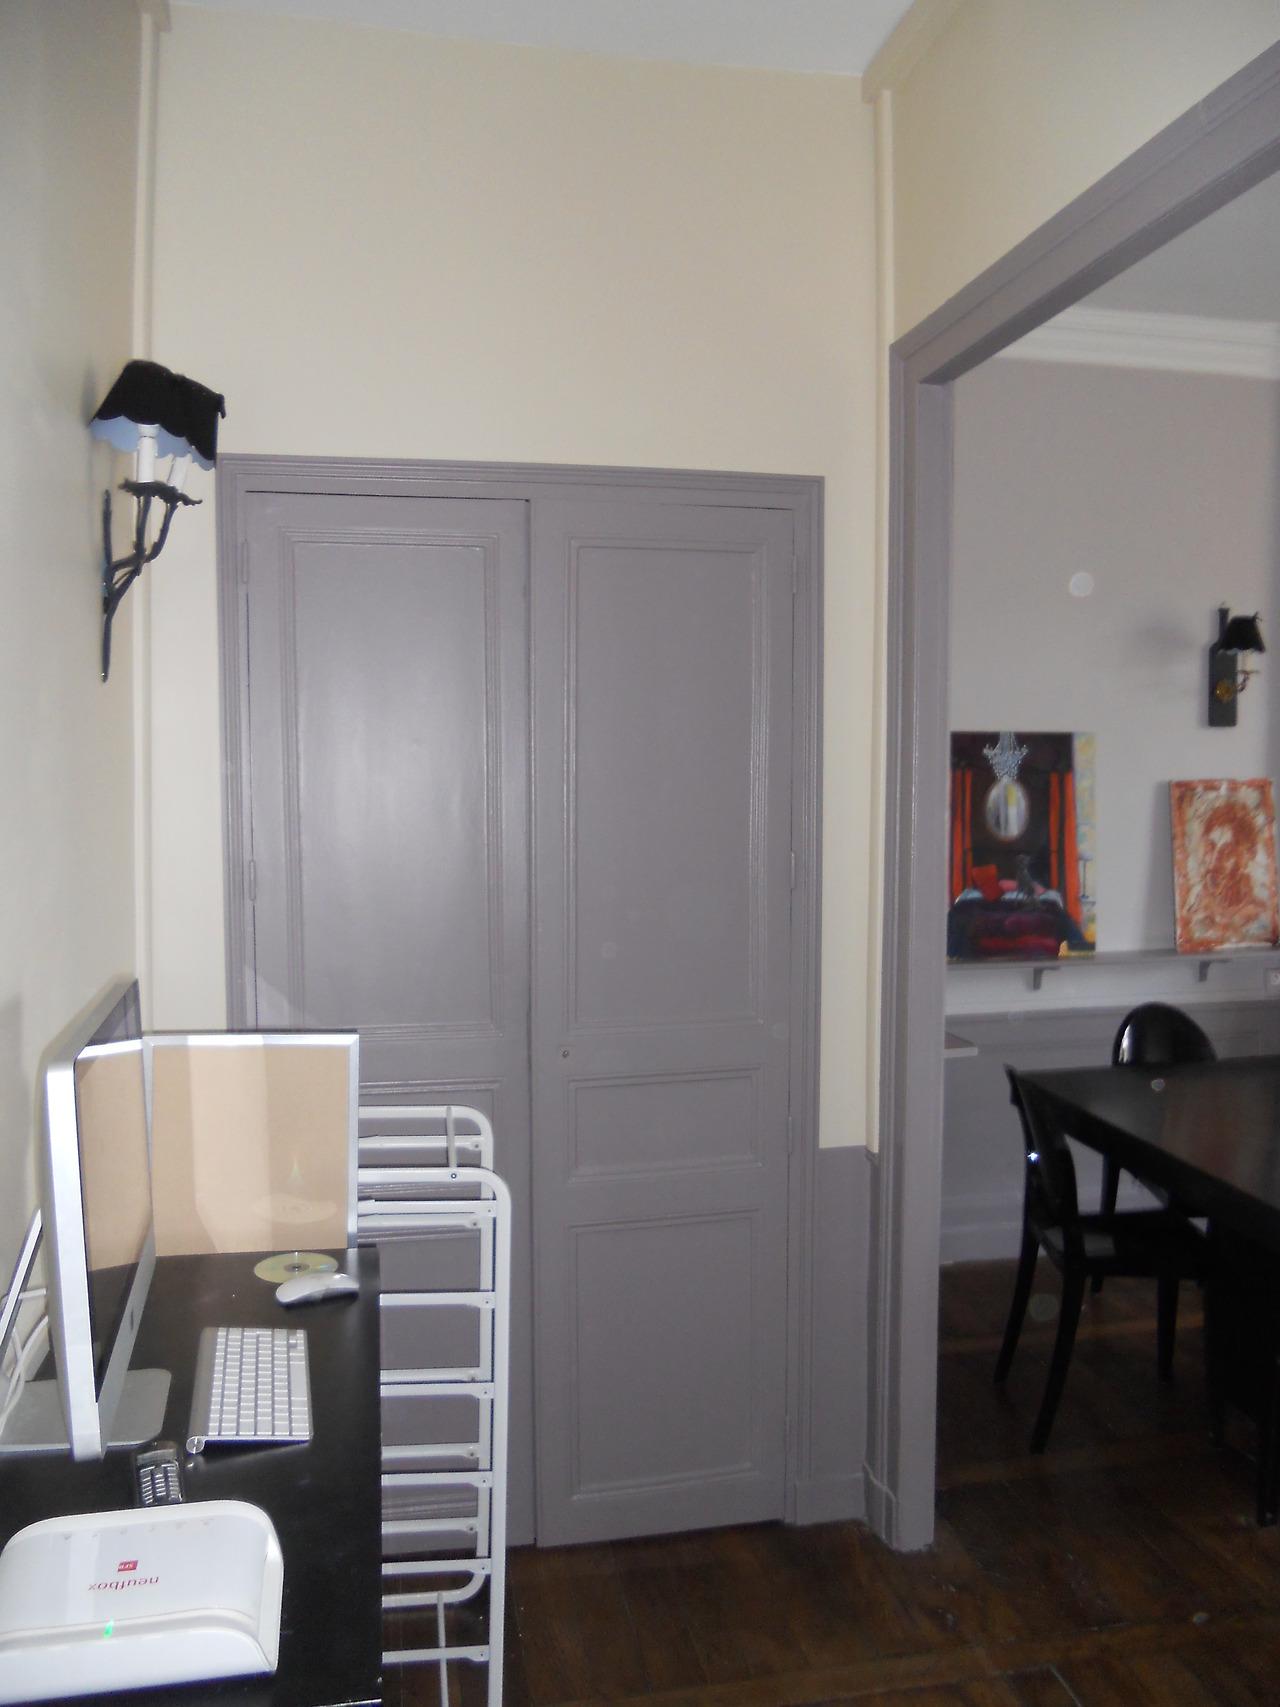 <p>entrée, repose d'une serrure, suppression de paumelles sur ancienne ouverture, pose d'appliques murales...</p>